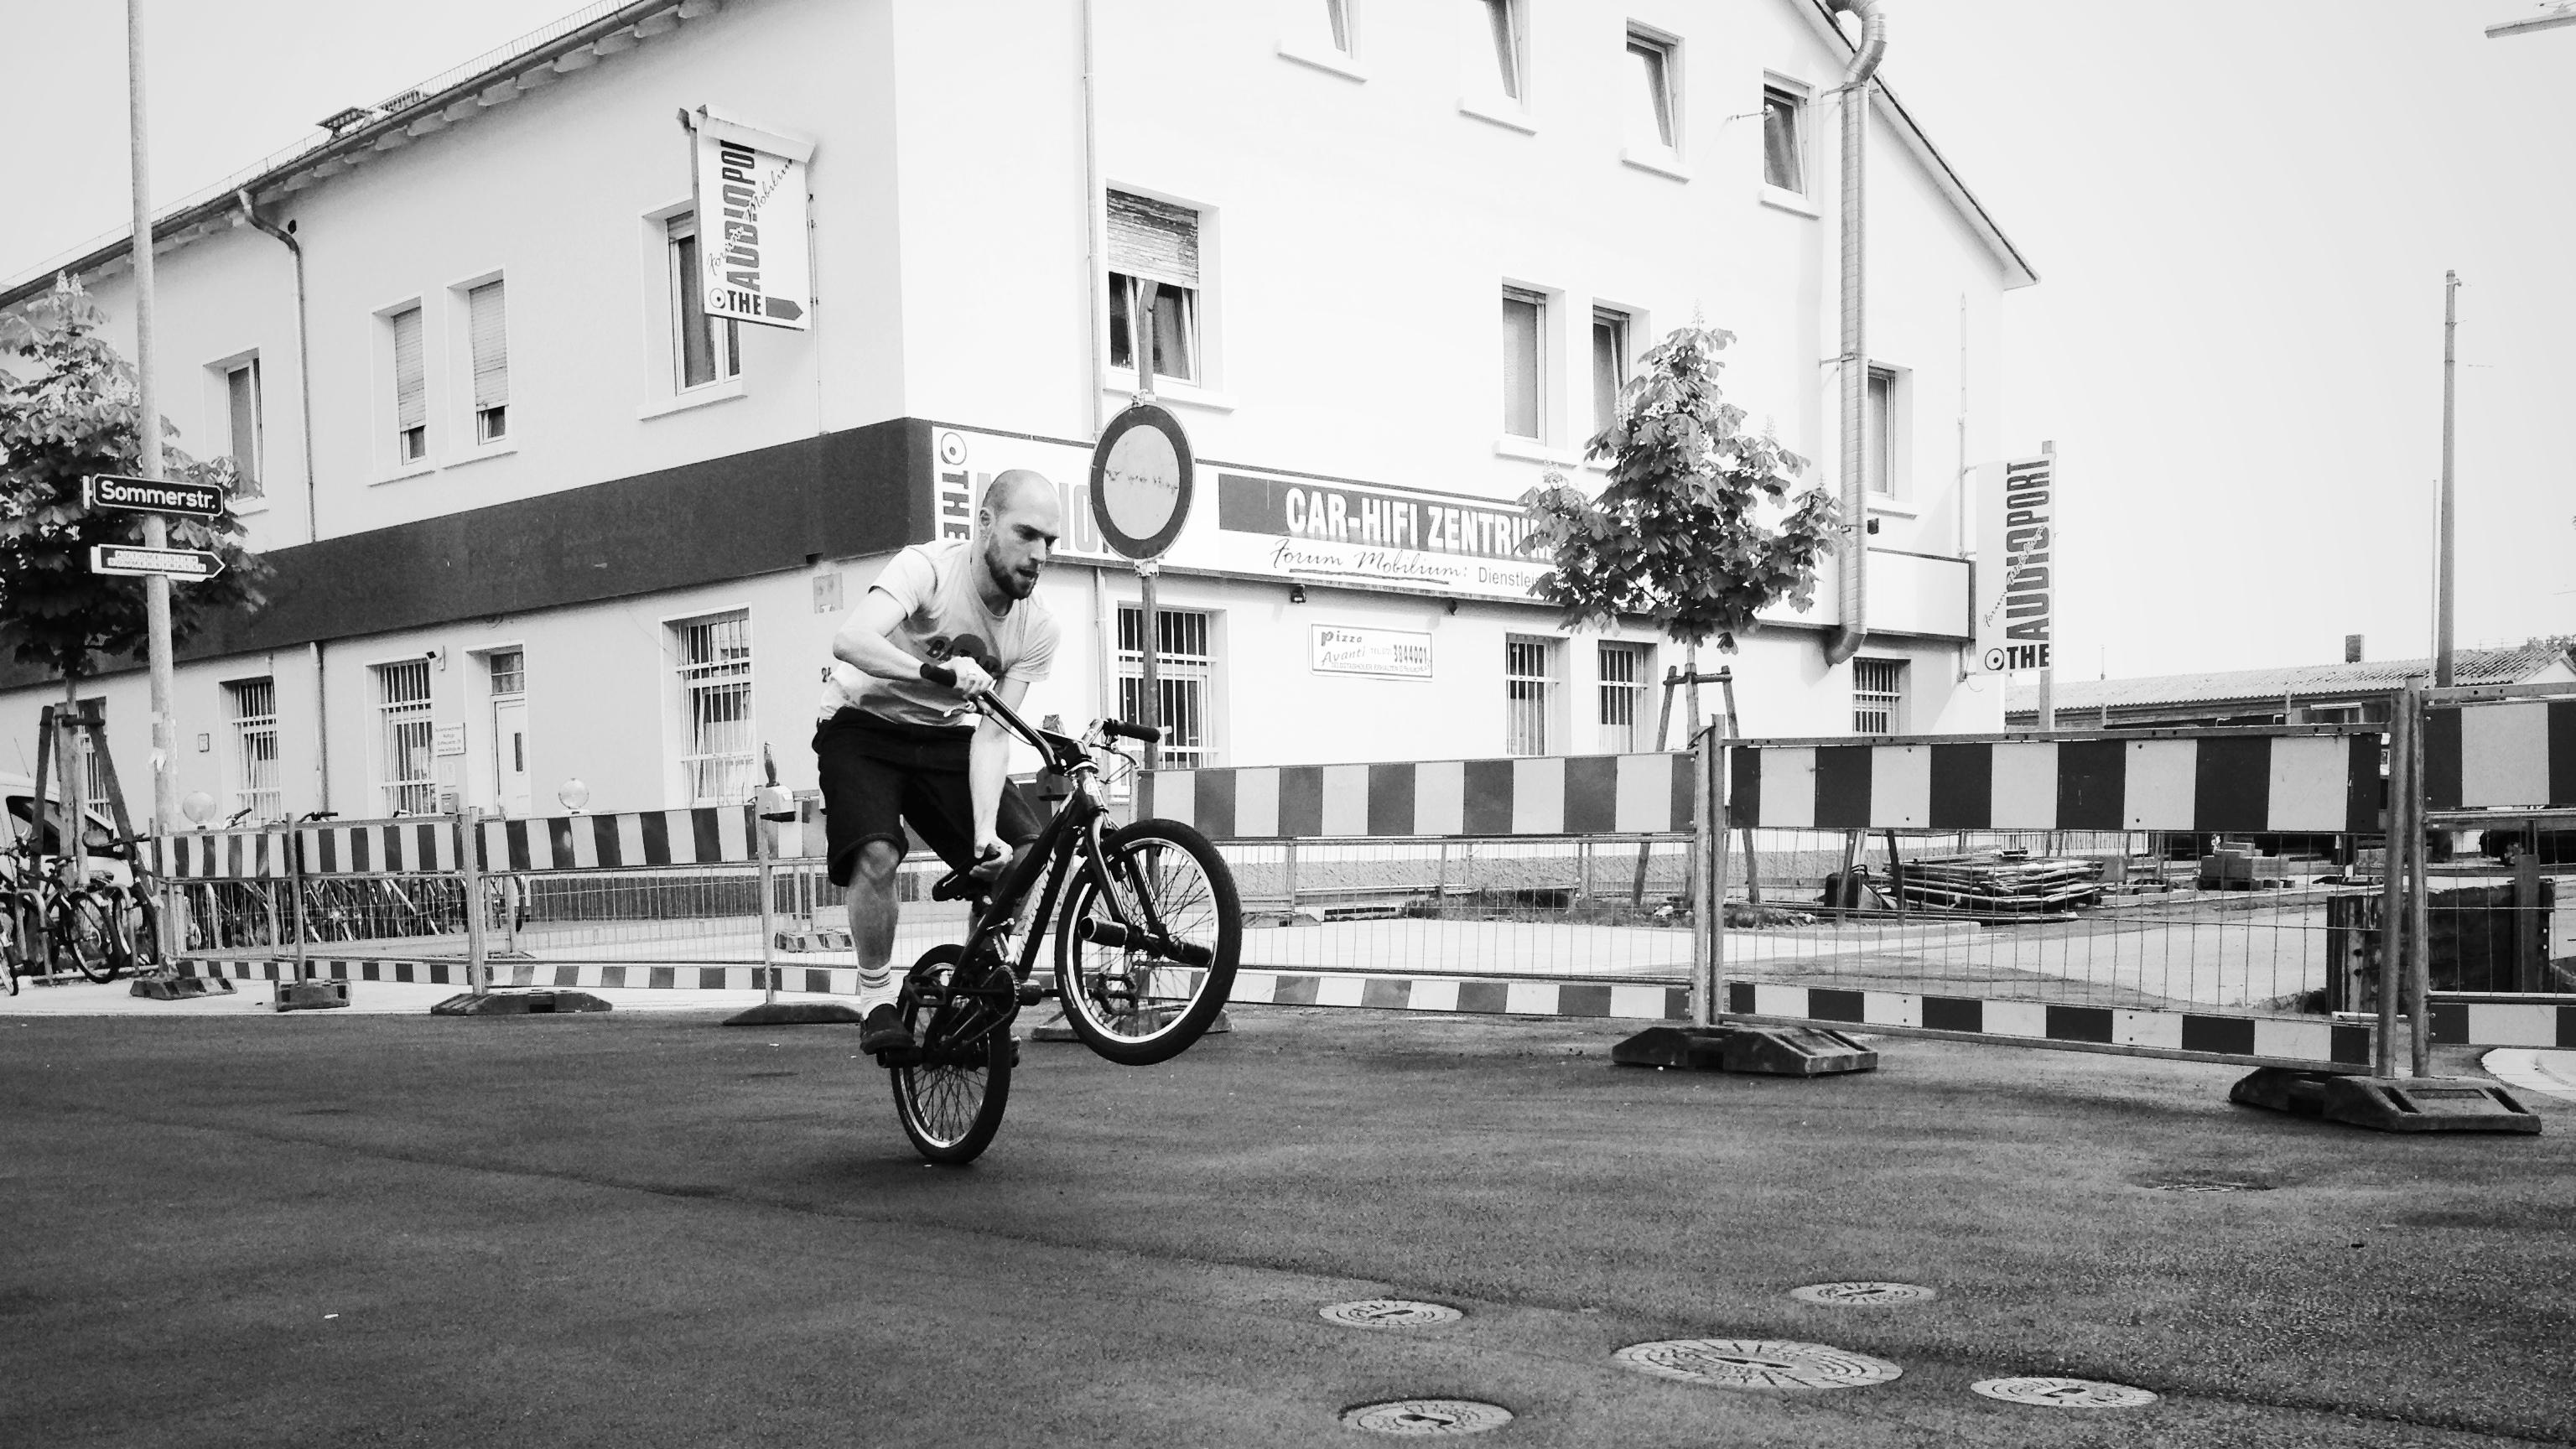 Foto 4: Daniel macht nen Wheely